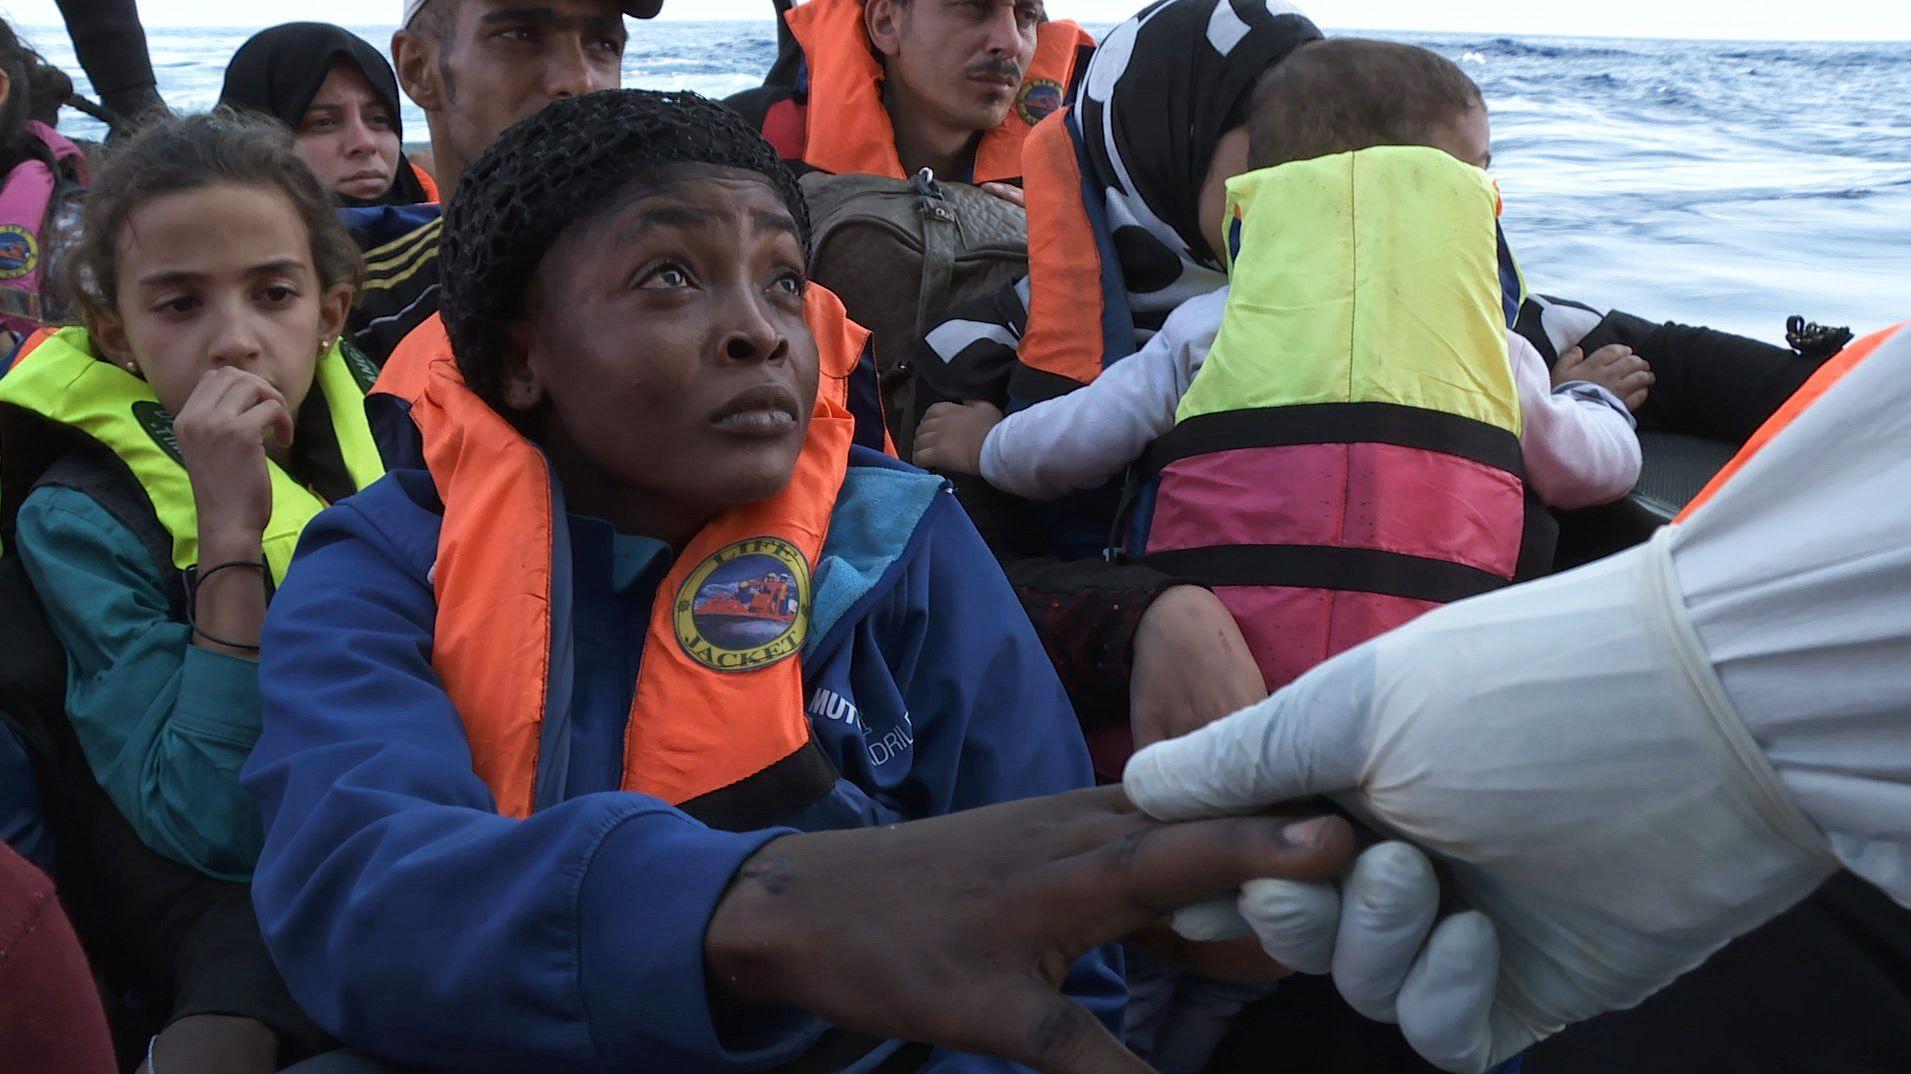 Eine Frau auf einem Flüchtlingsboot greift nach der Hand eines Retters